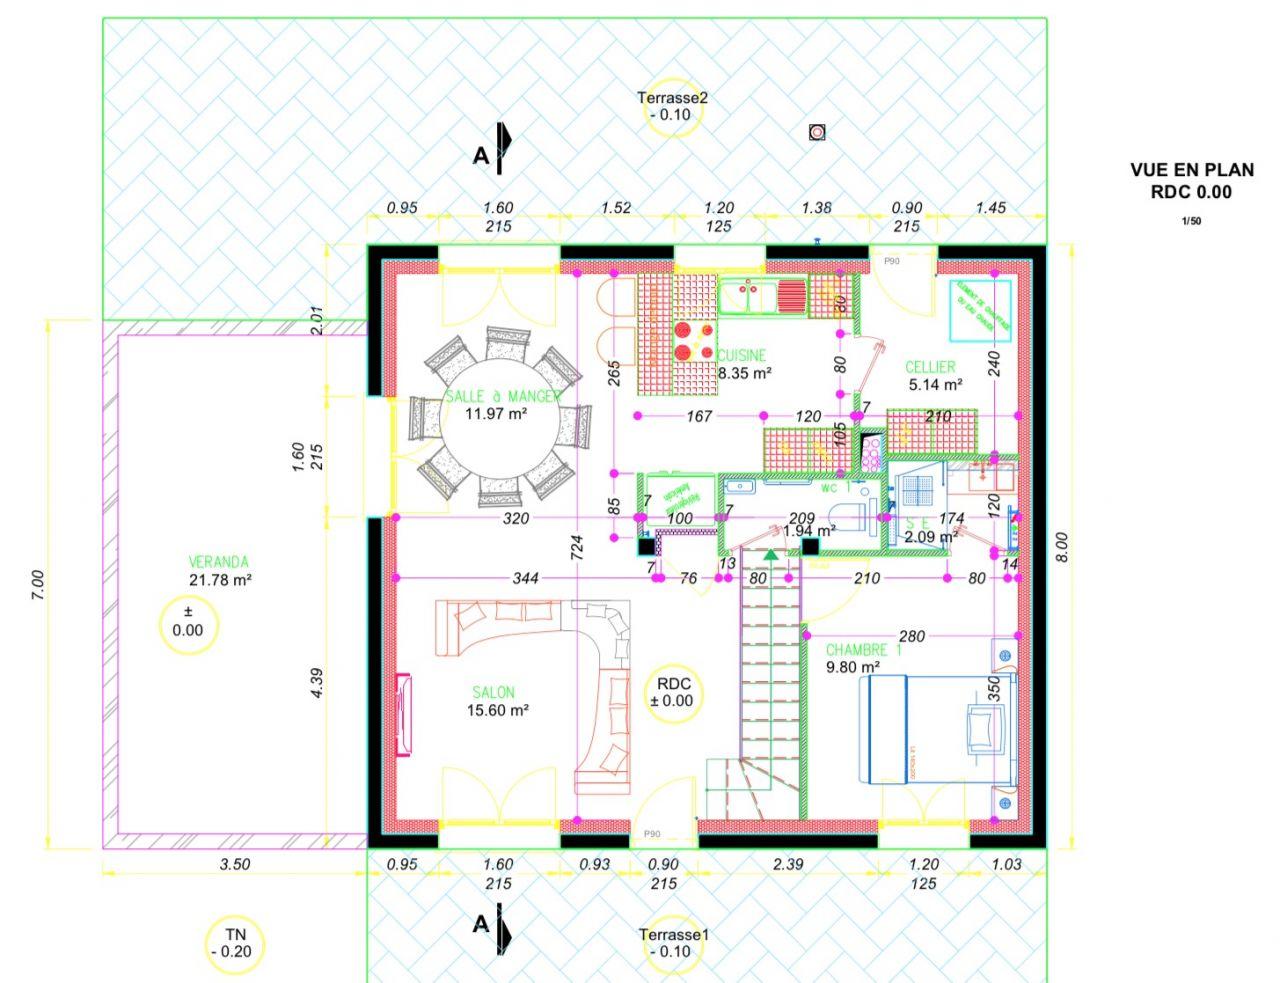 - Le WC recul + création d'un lave main. <br /> - Création d'une salle d'eau dans la chambre. <br /> - Coffret EDF déplacé au droit du WC. <br /> - Création d'une niche pour le frigo américain.